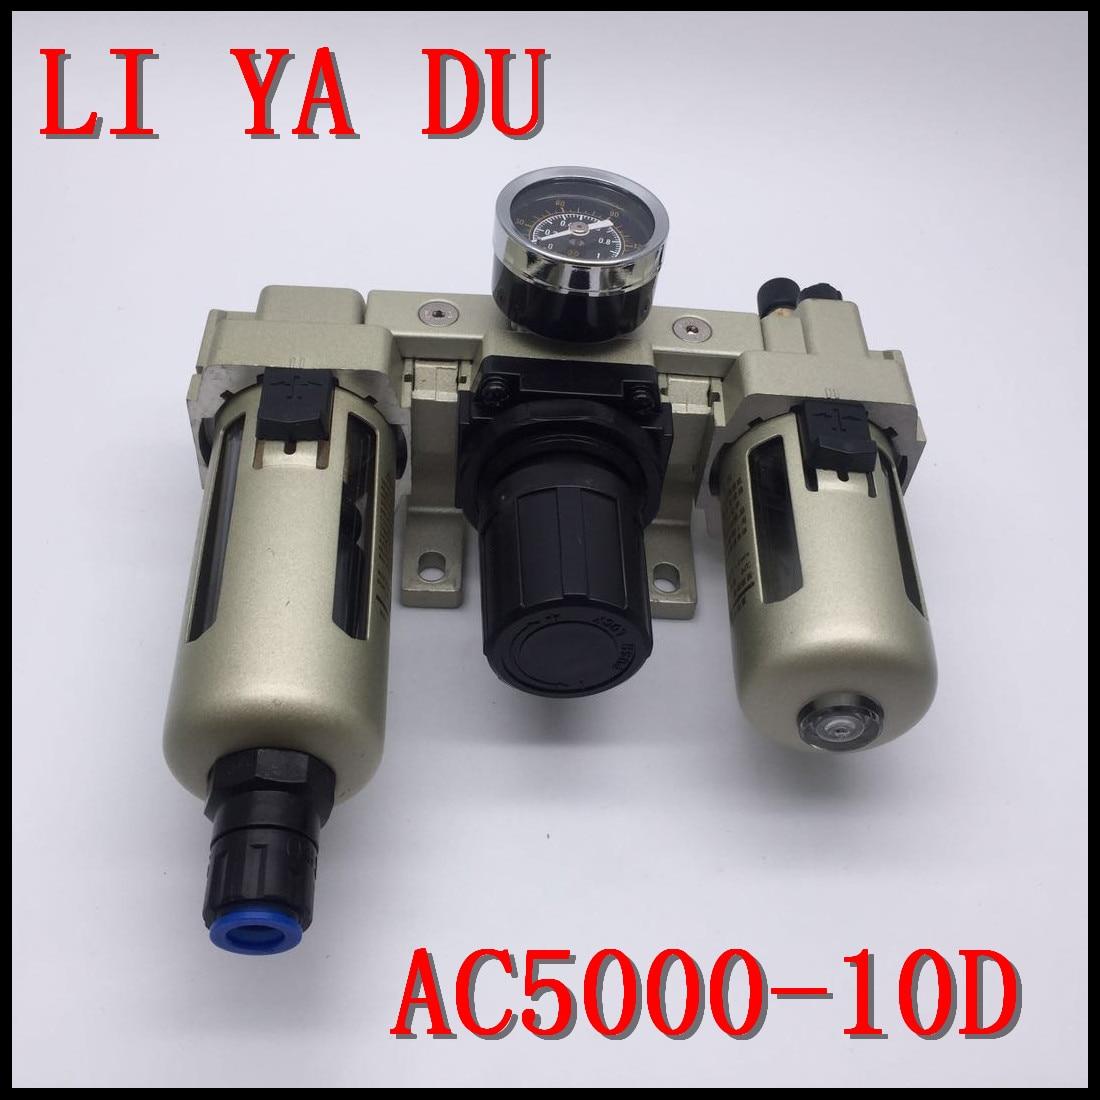 AC5000-10D G1 Sanlian pièces séparateur d'huile et d'eau filtre compresseur d'air réduire la soupape de régulation de pression vidange automatique